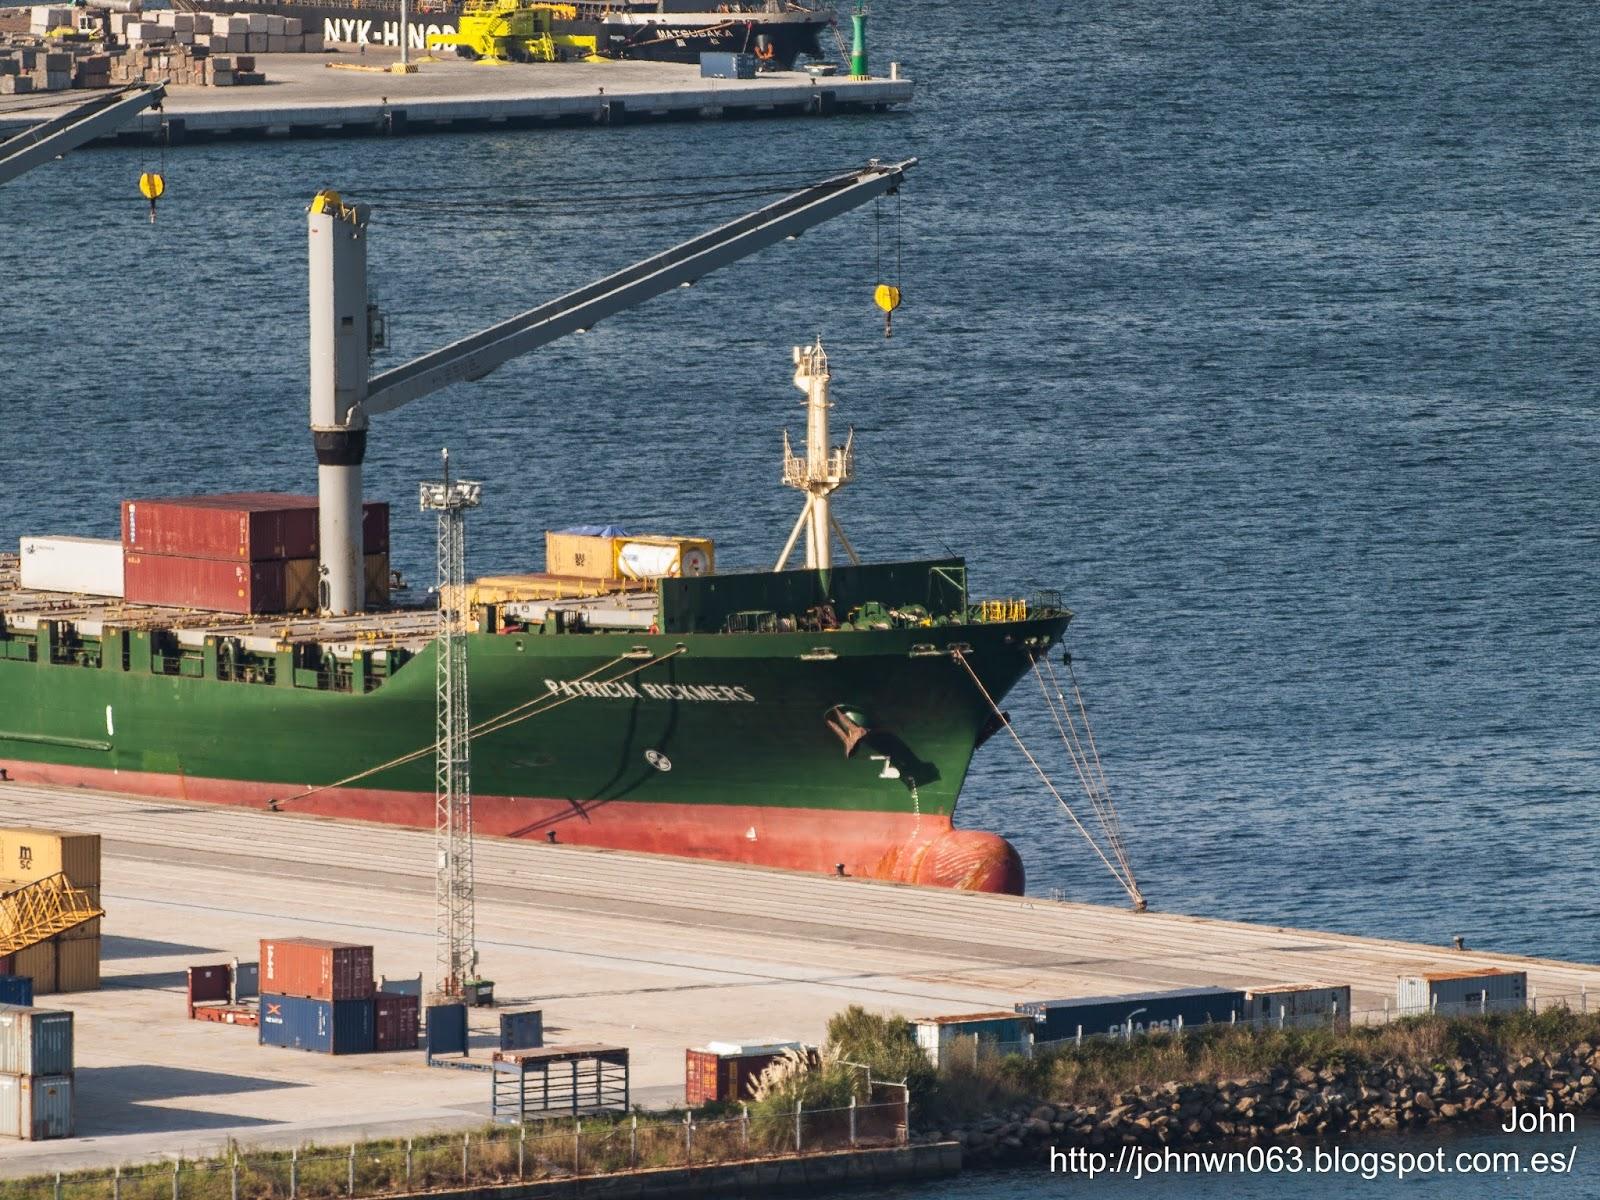 fotos de barcos, imagenes de barcos, portacontenedores, patricia rickmers, rickmers group, vigo